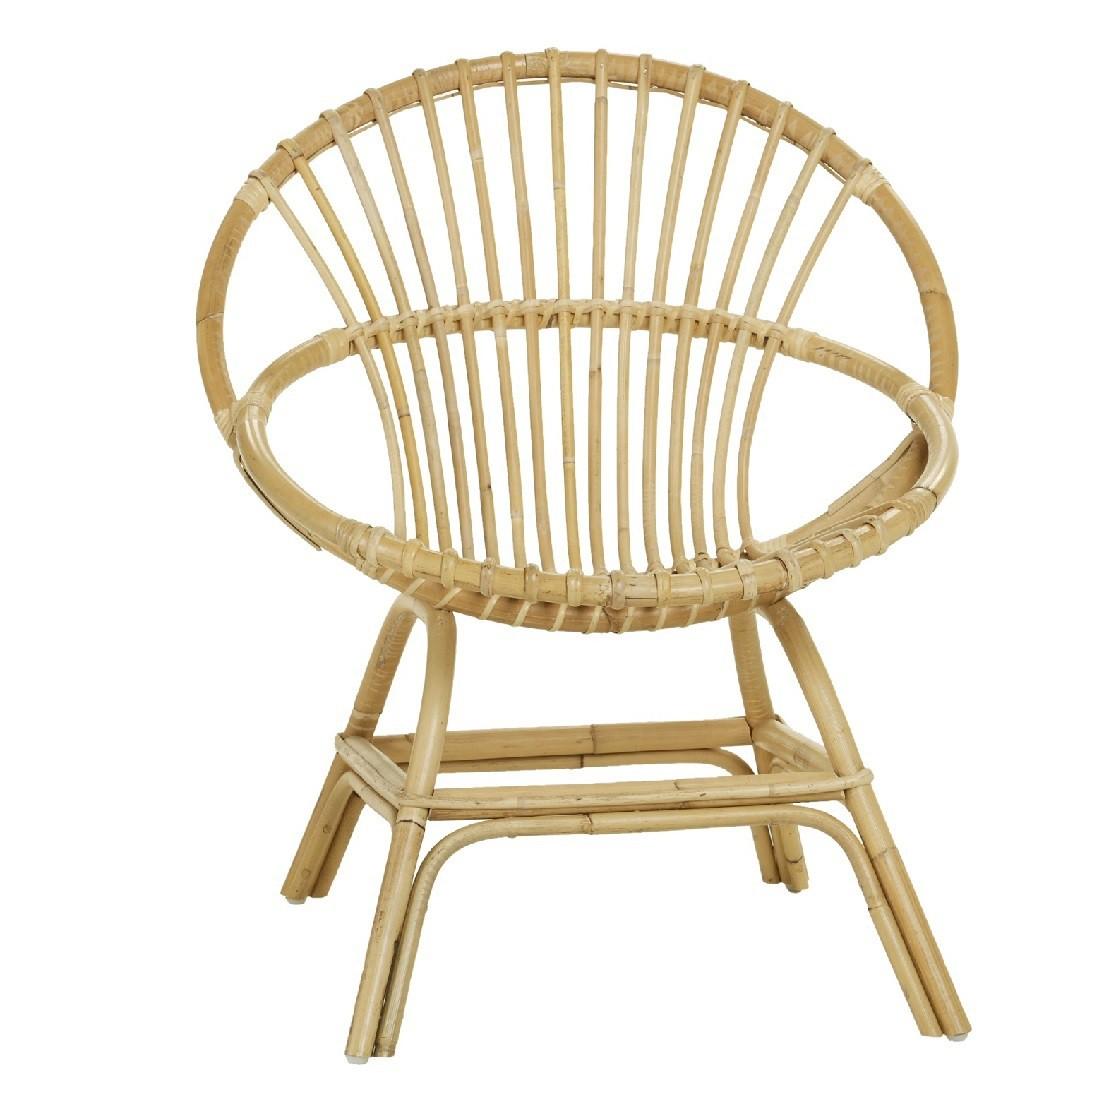 fauteuil en rotin brigitte Résultat Supérieur 50 Luxe Fauteuil En Rotin Photographie 2017 Sjd8